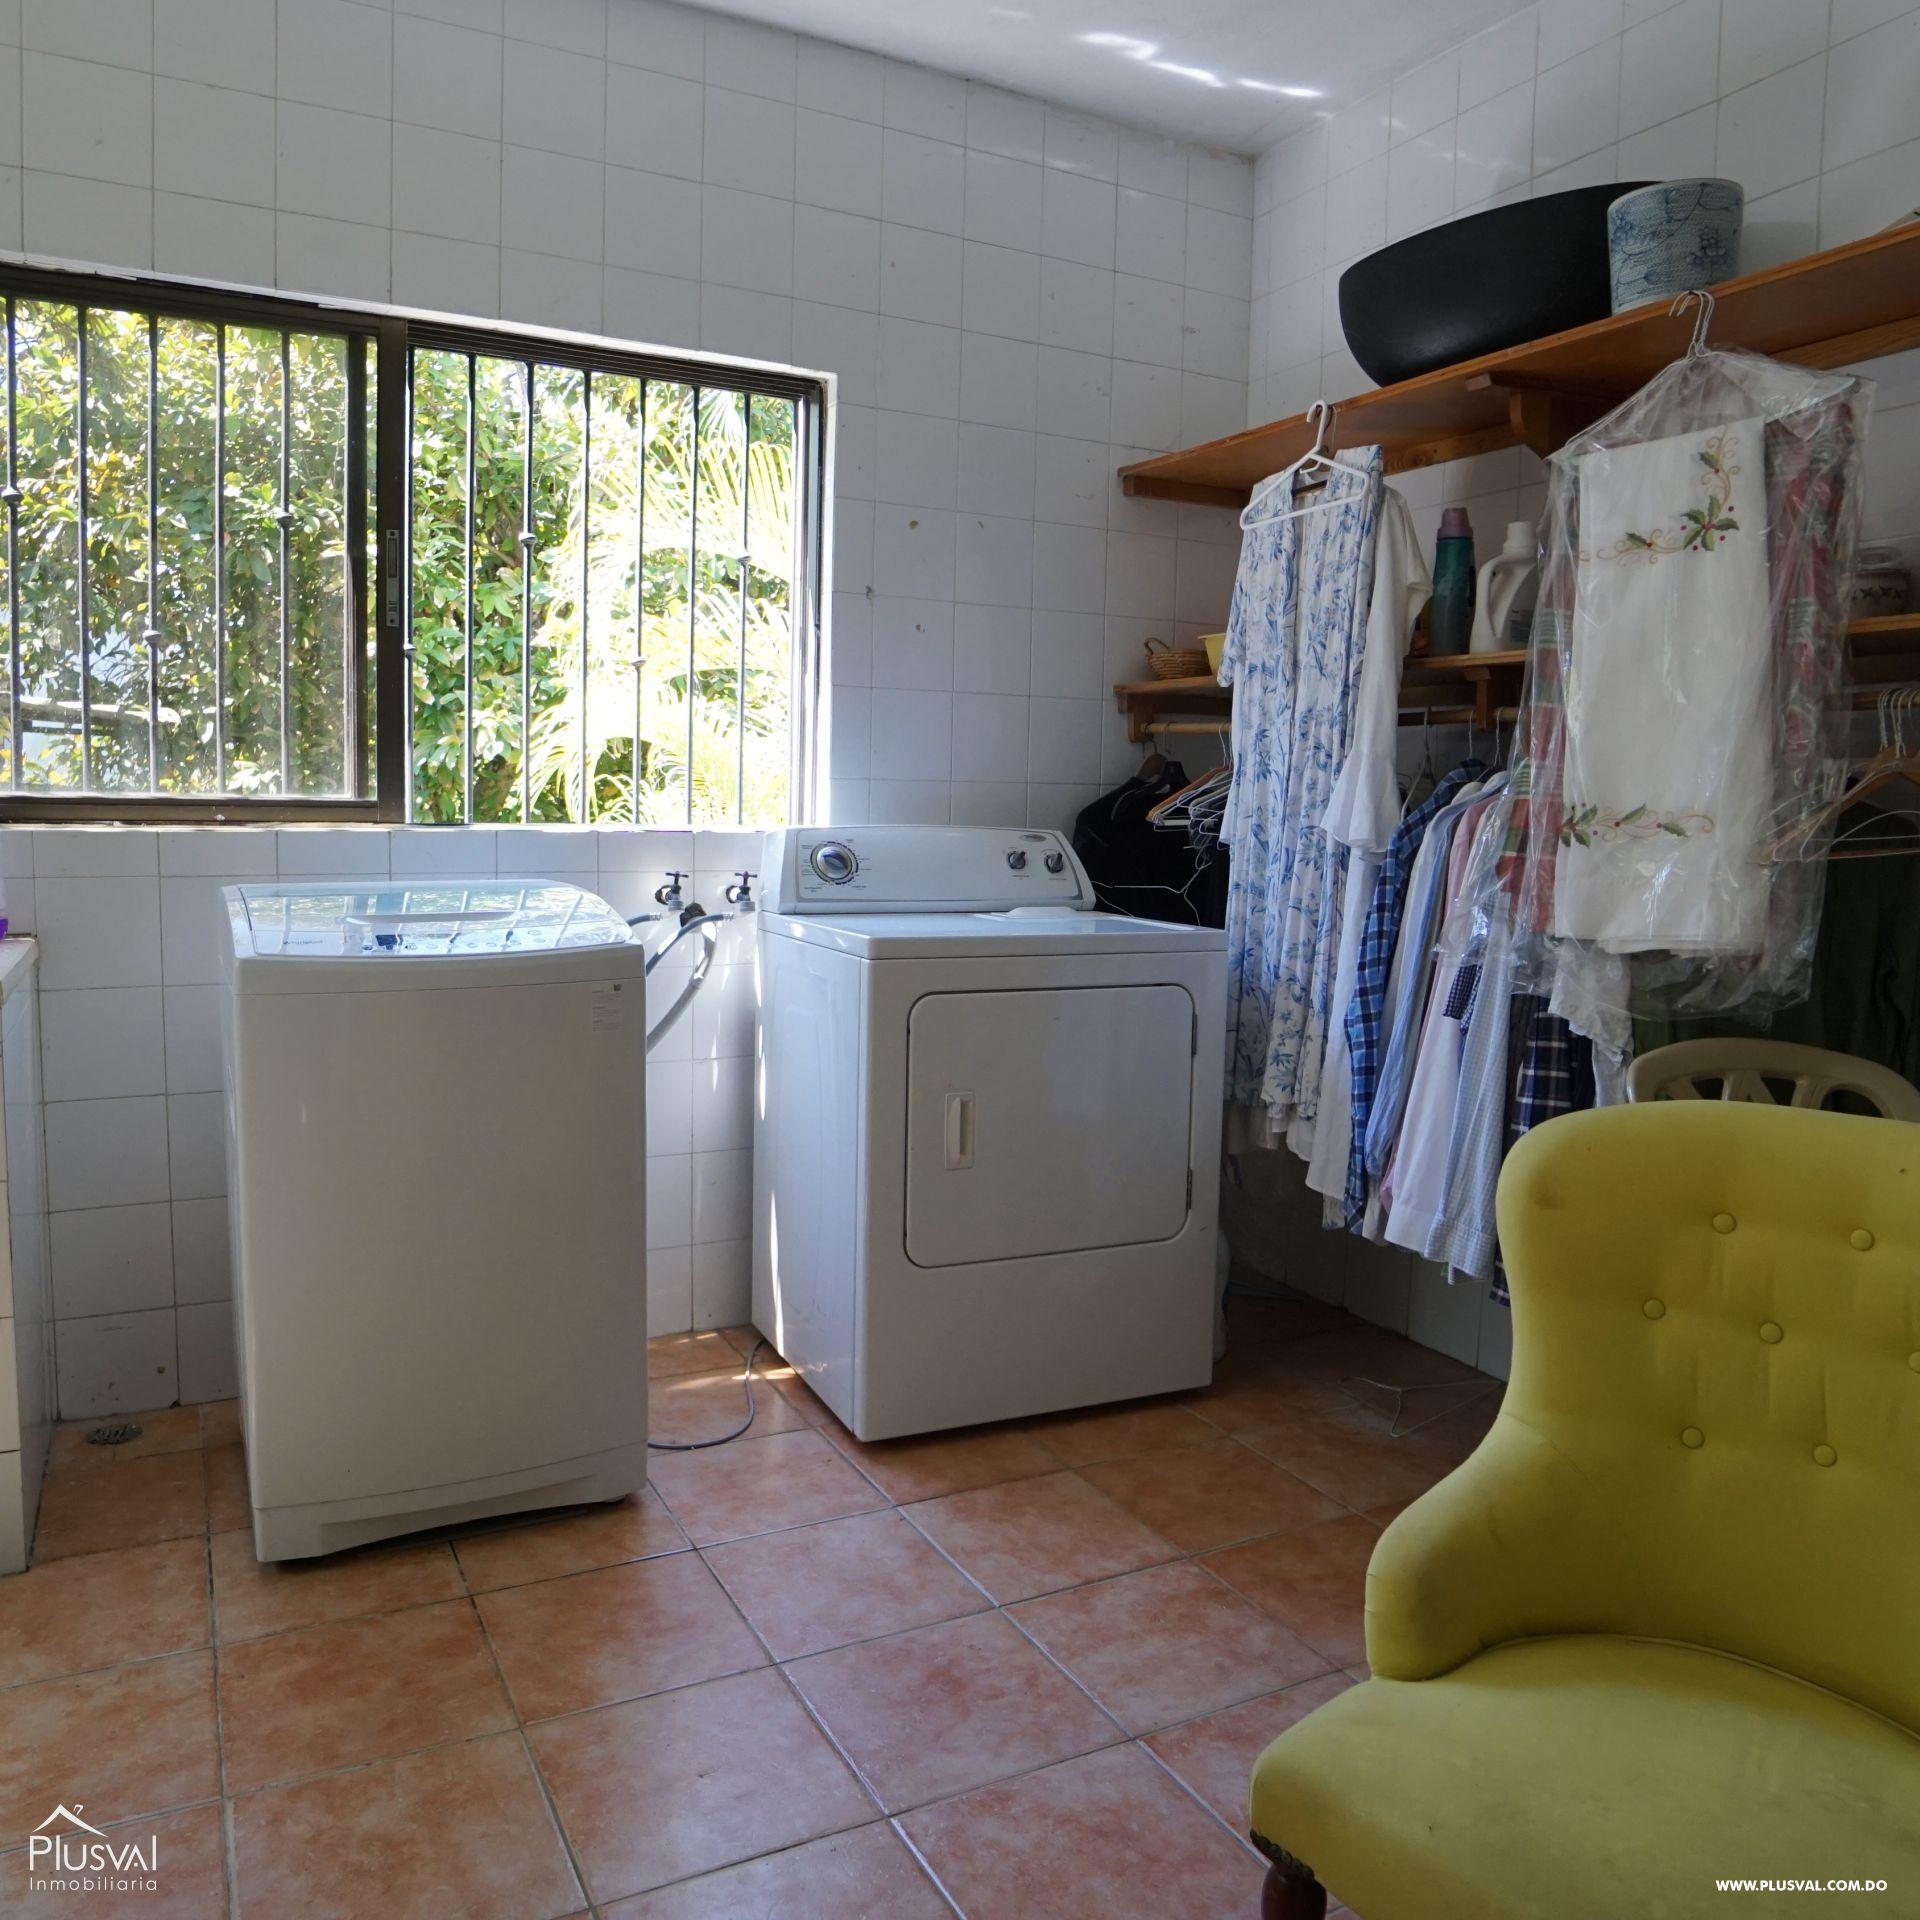 Casa de lujo en venta Arroyo Hondo Viejo 165361